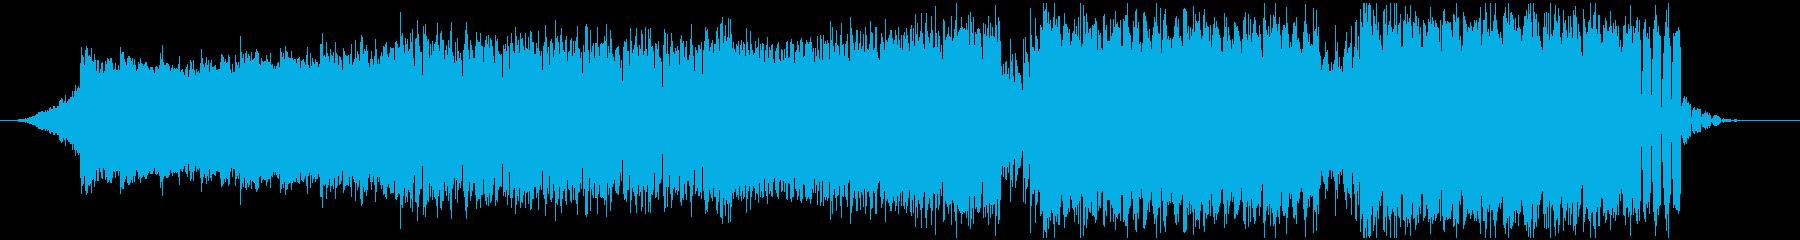 ピアノとシンセ主体のキレイめEDMの再生済みの波形